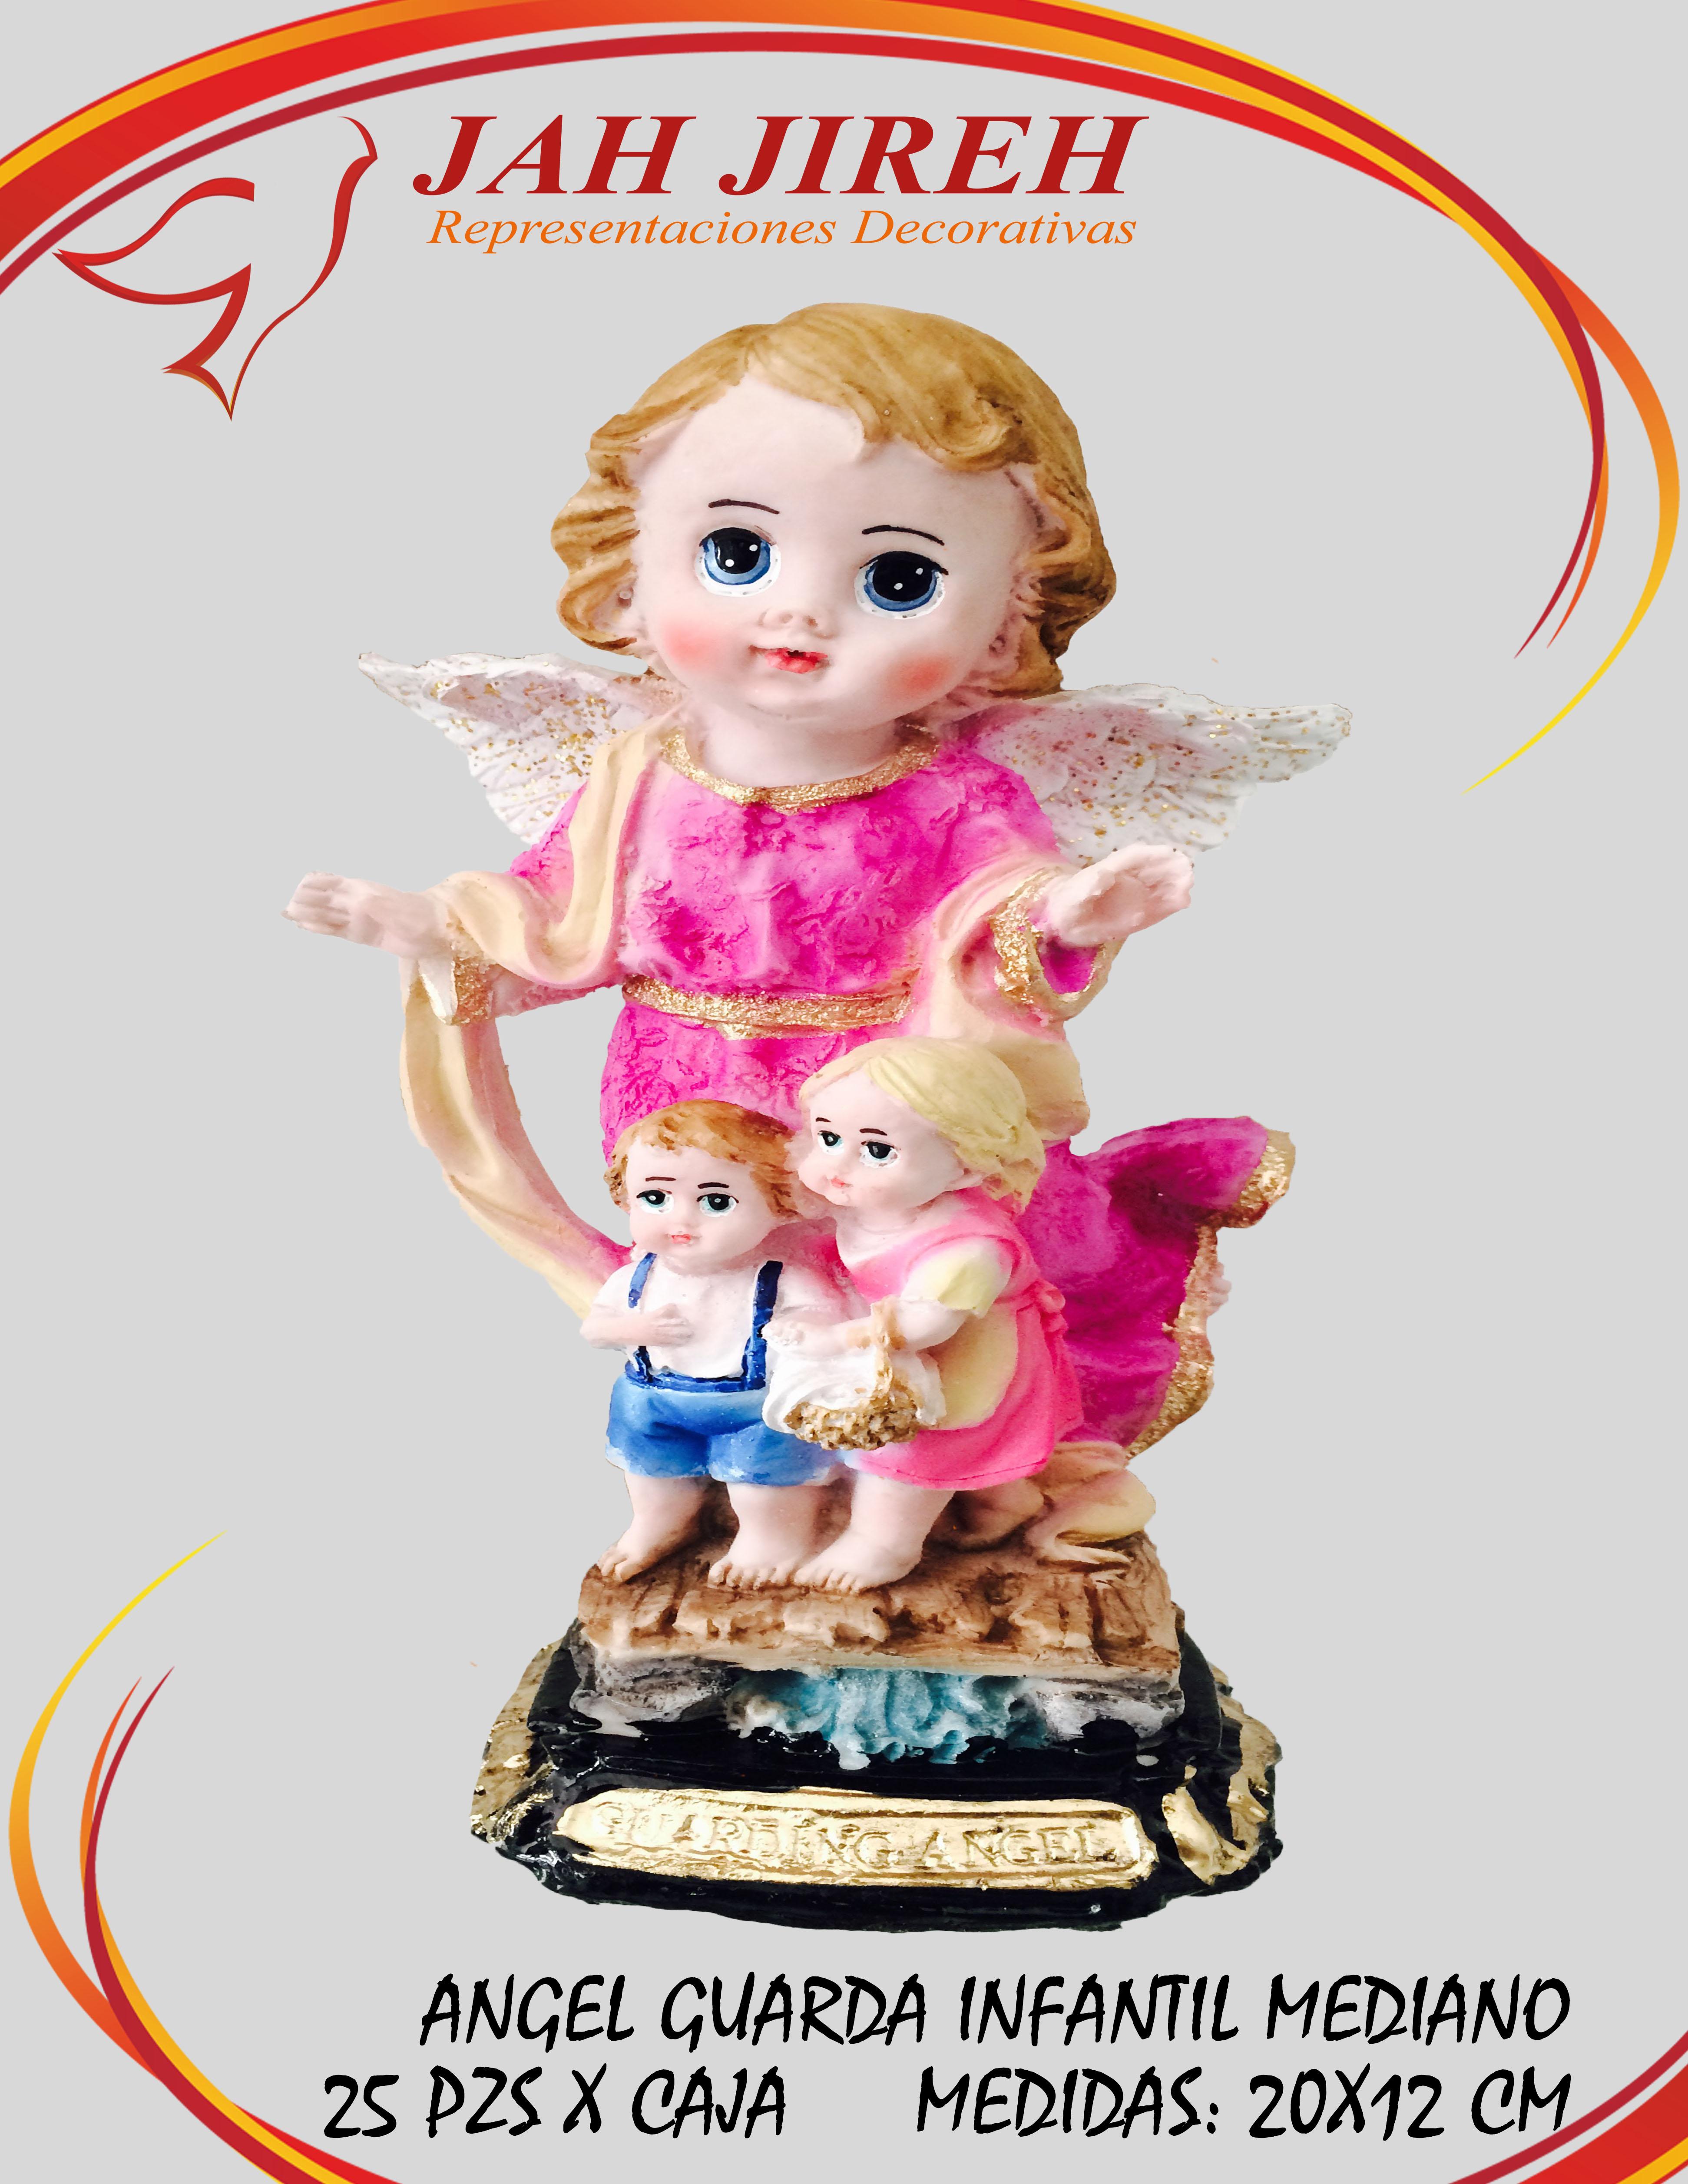 https://0201.nccdn.net/1_2/000/000/116/e58/angel--guarda-infantil-mediano.jpg